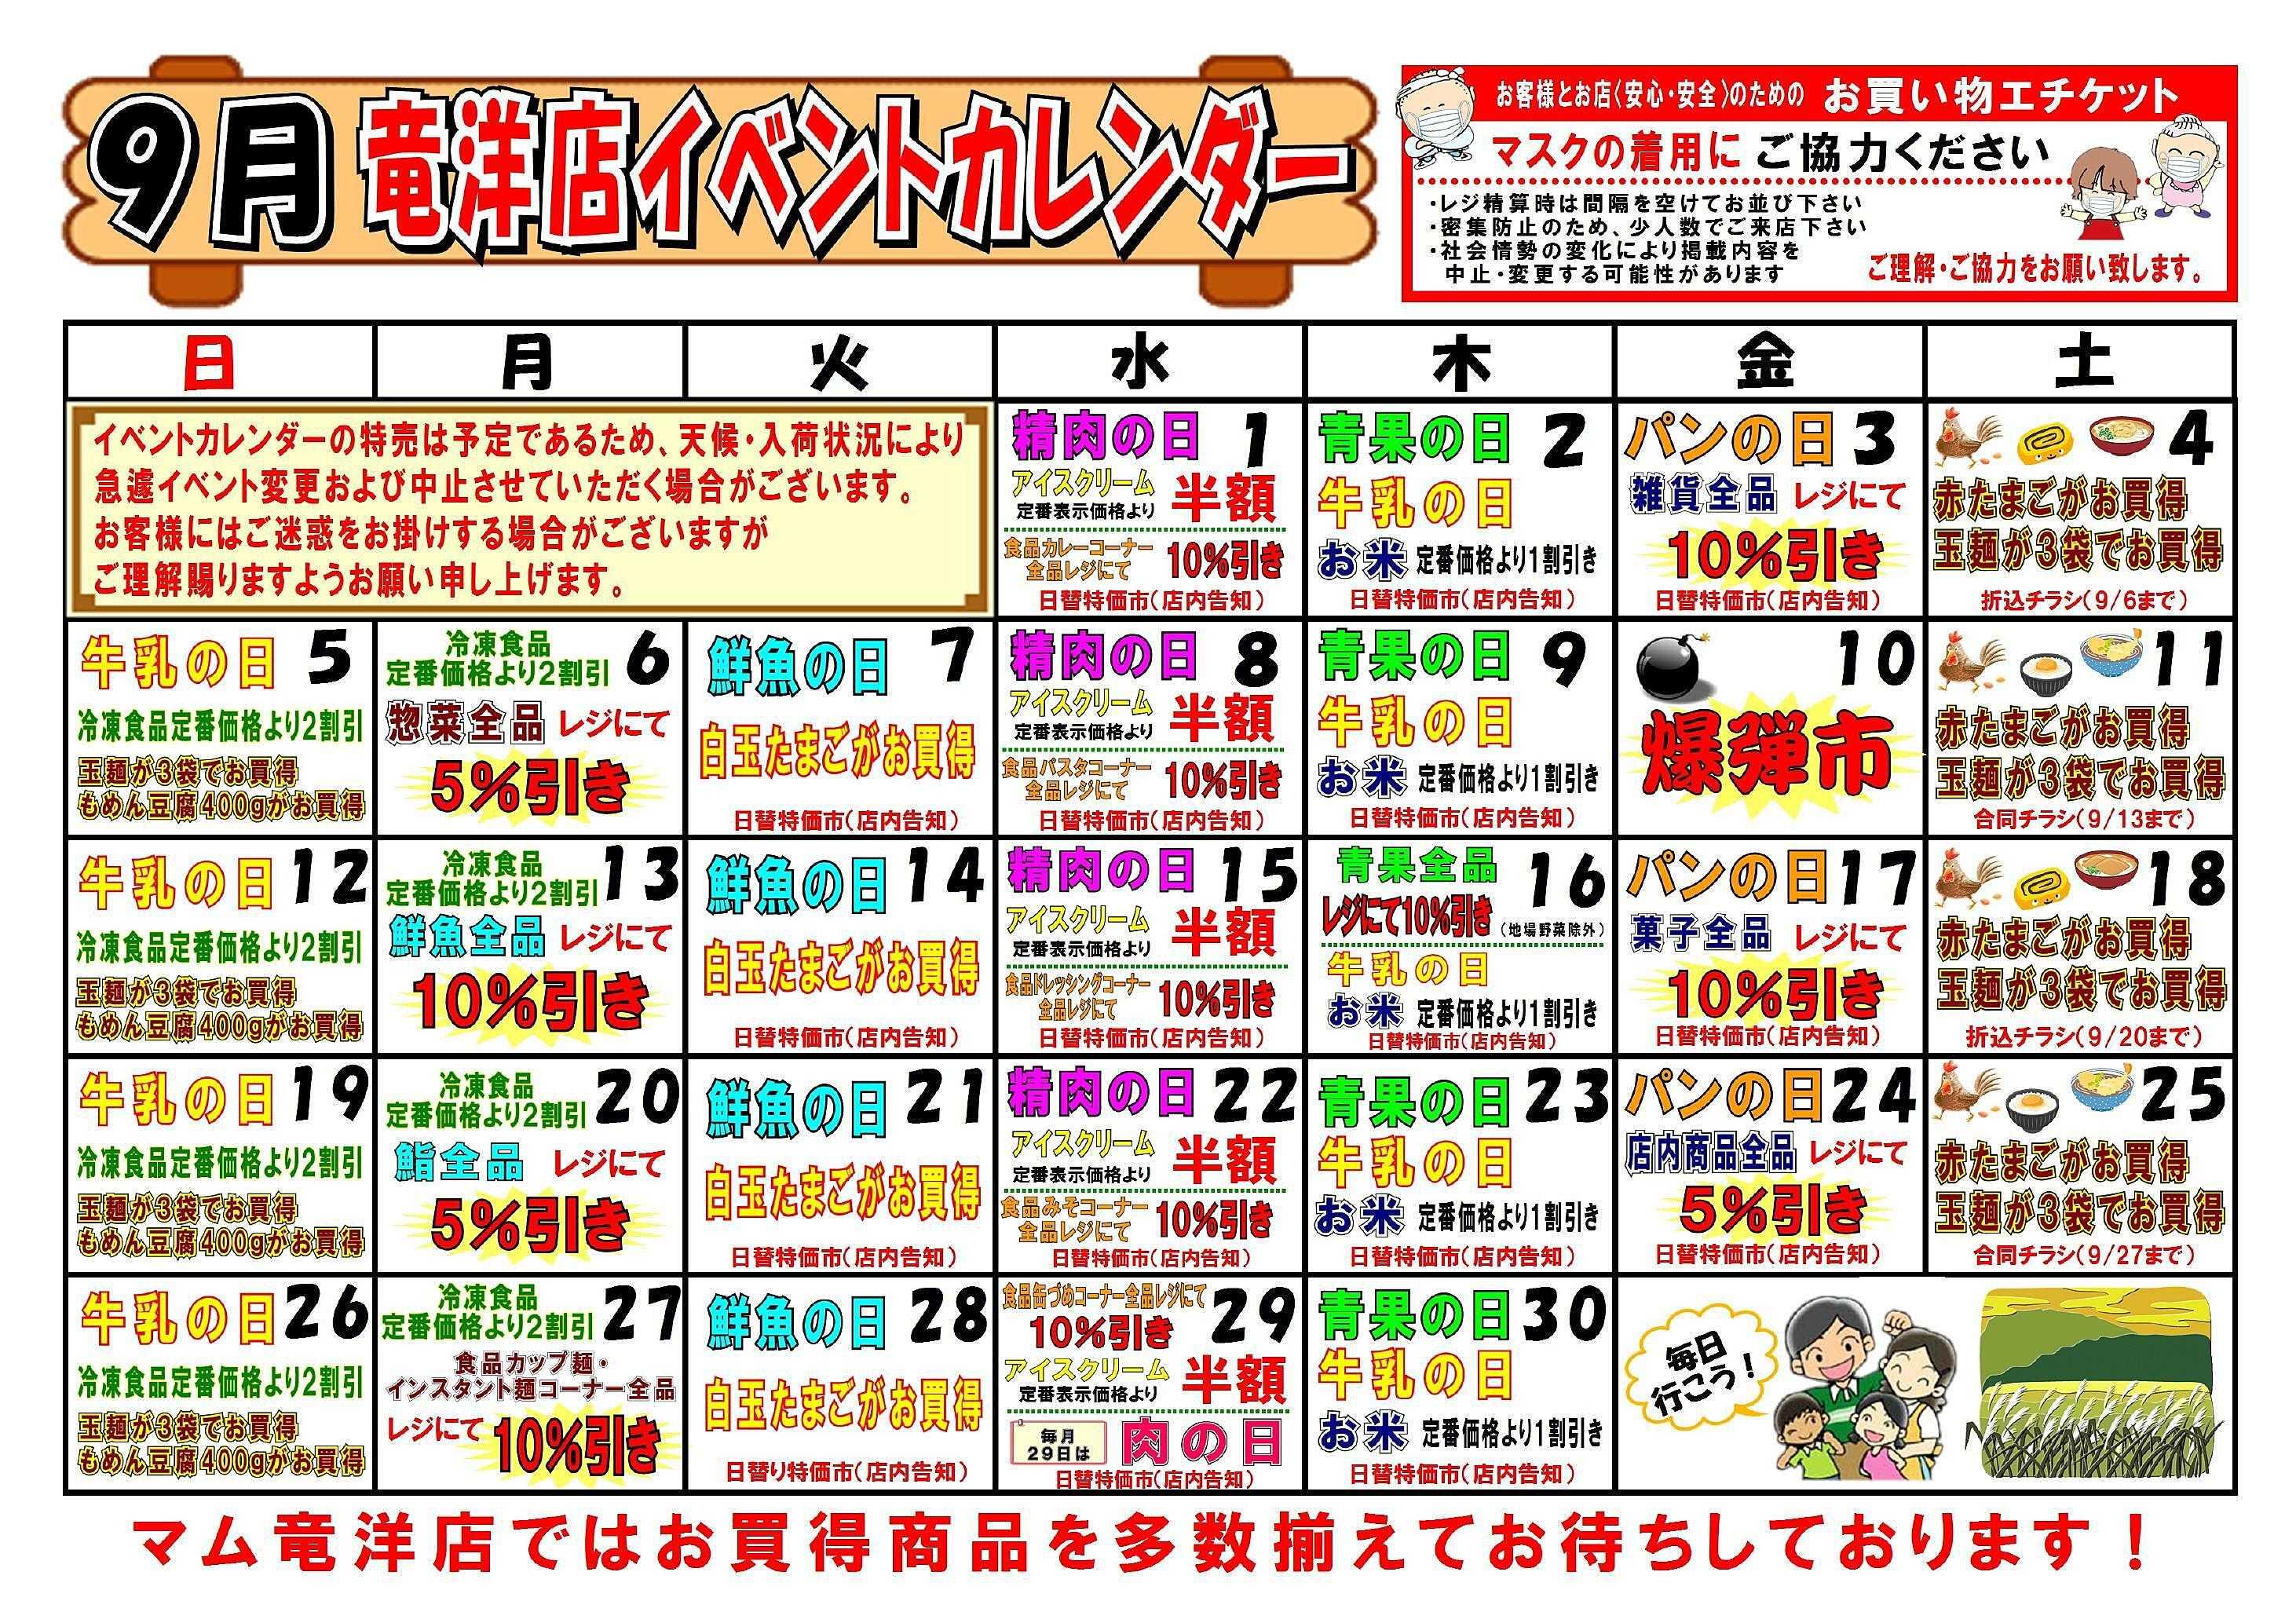 フードマーケット マム マム竜洋店イベントカレンダー